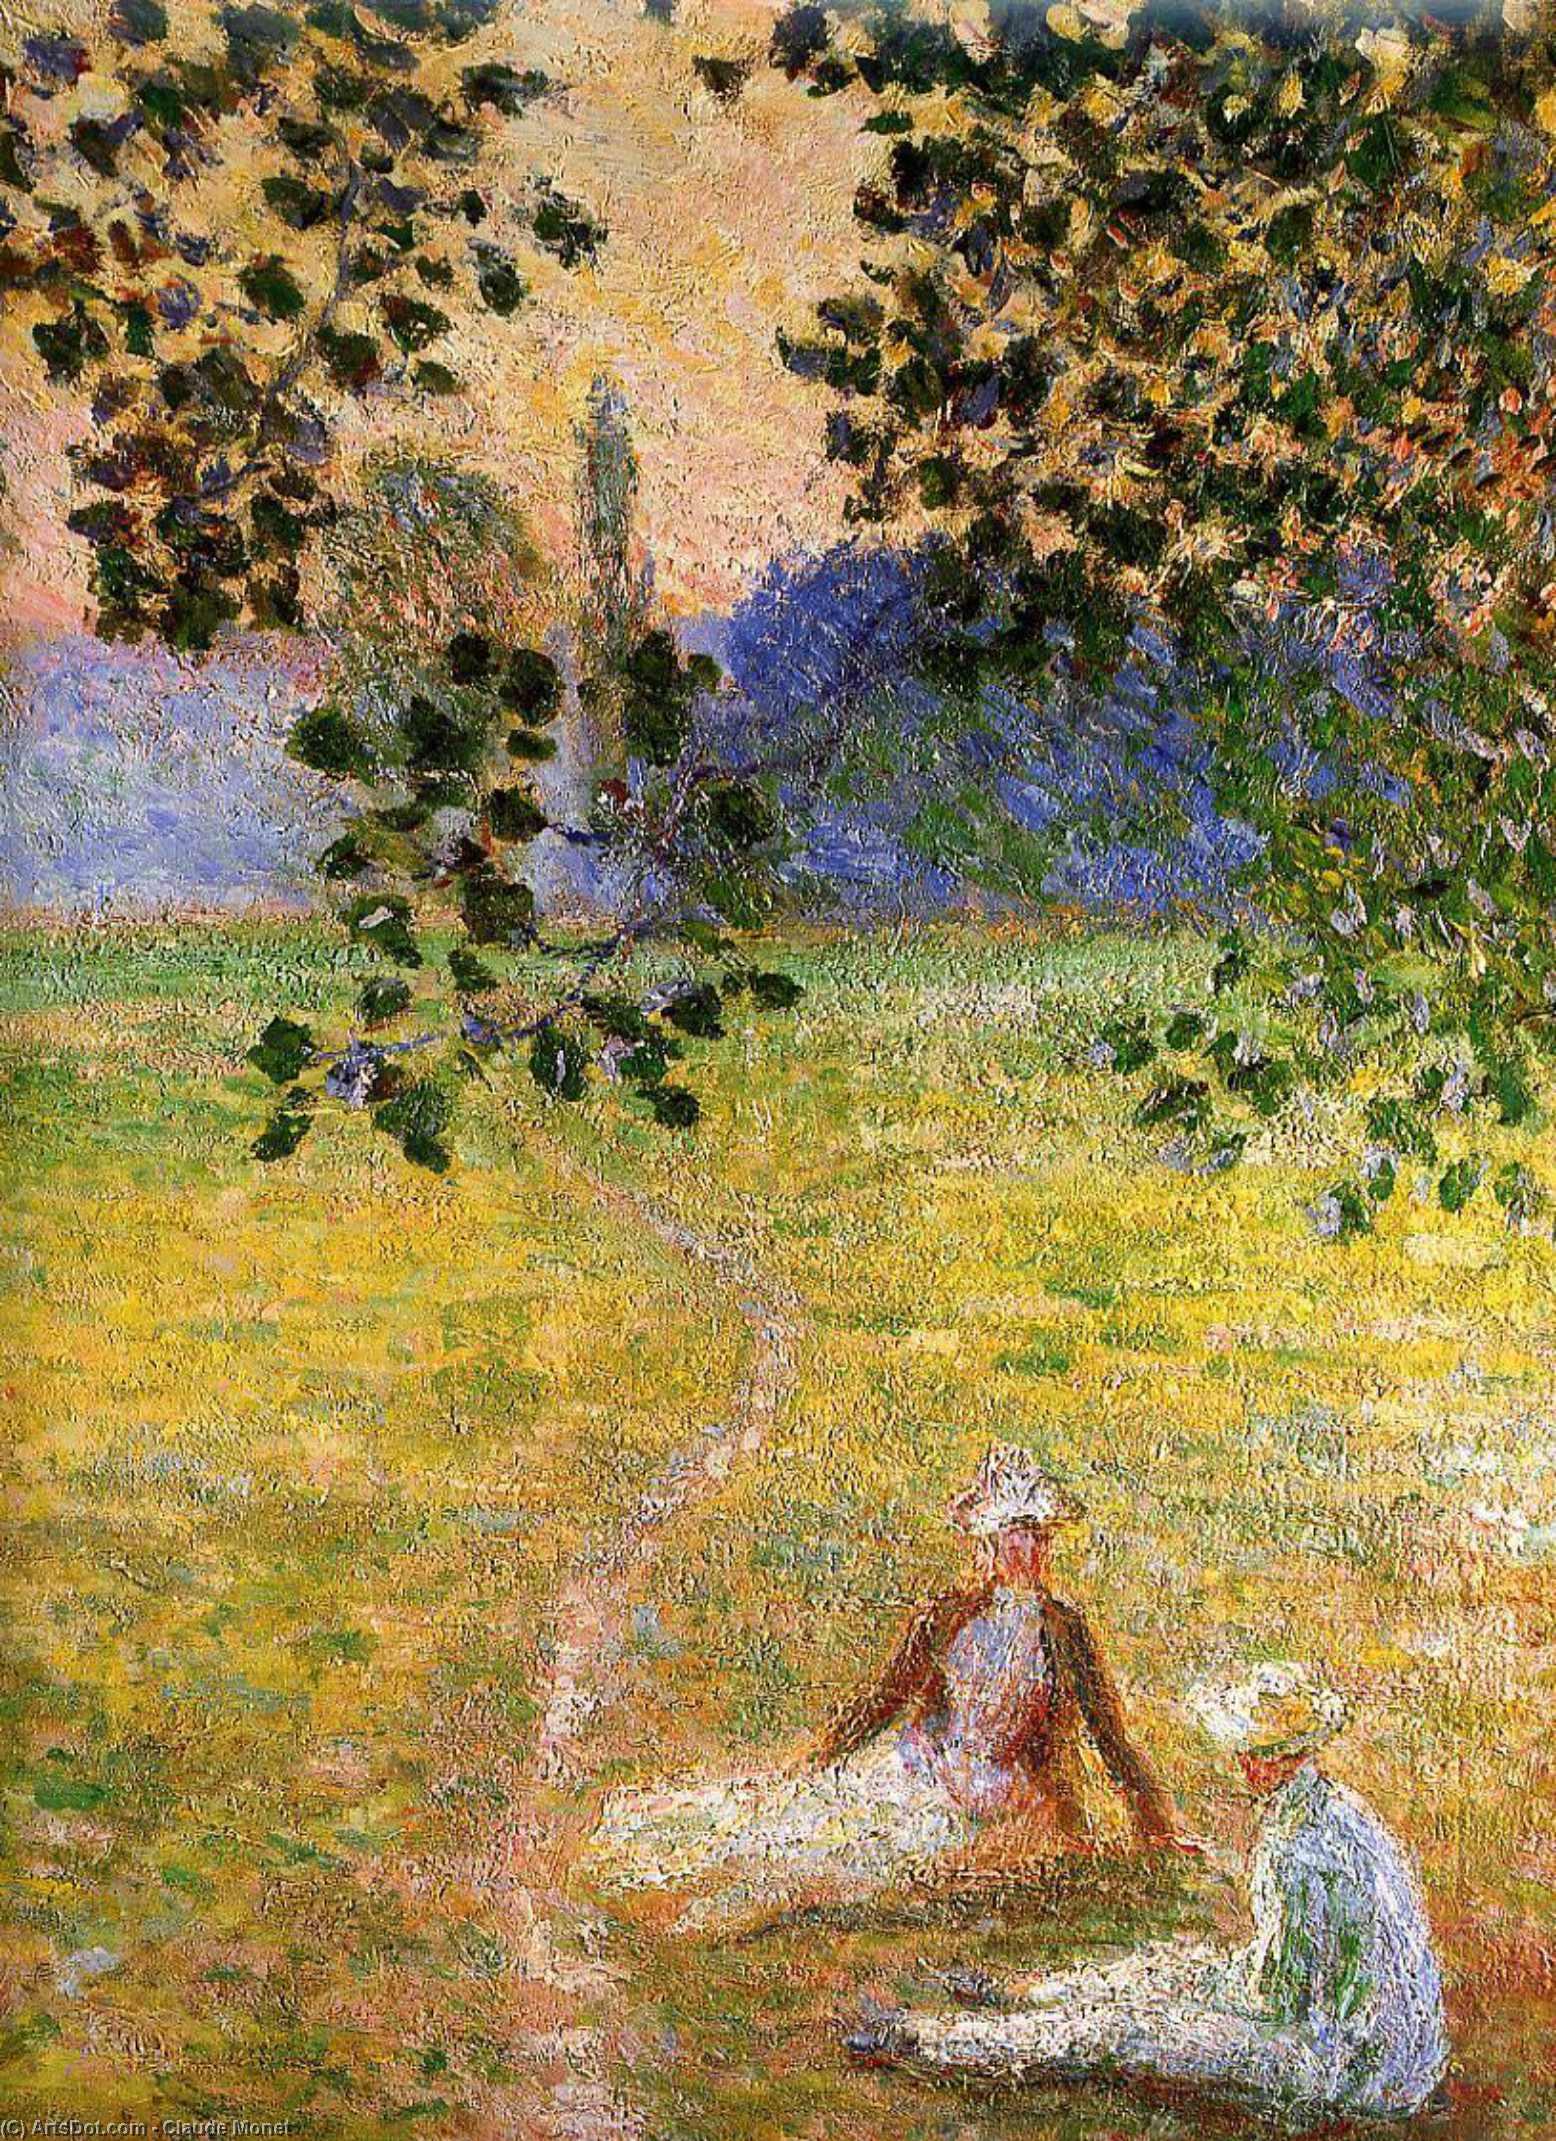 пейзаж < Вечер на лугу в Живерни (деталь) >:: Клод Моне, описание картины - Claude Monet фото